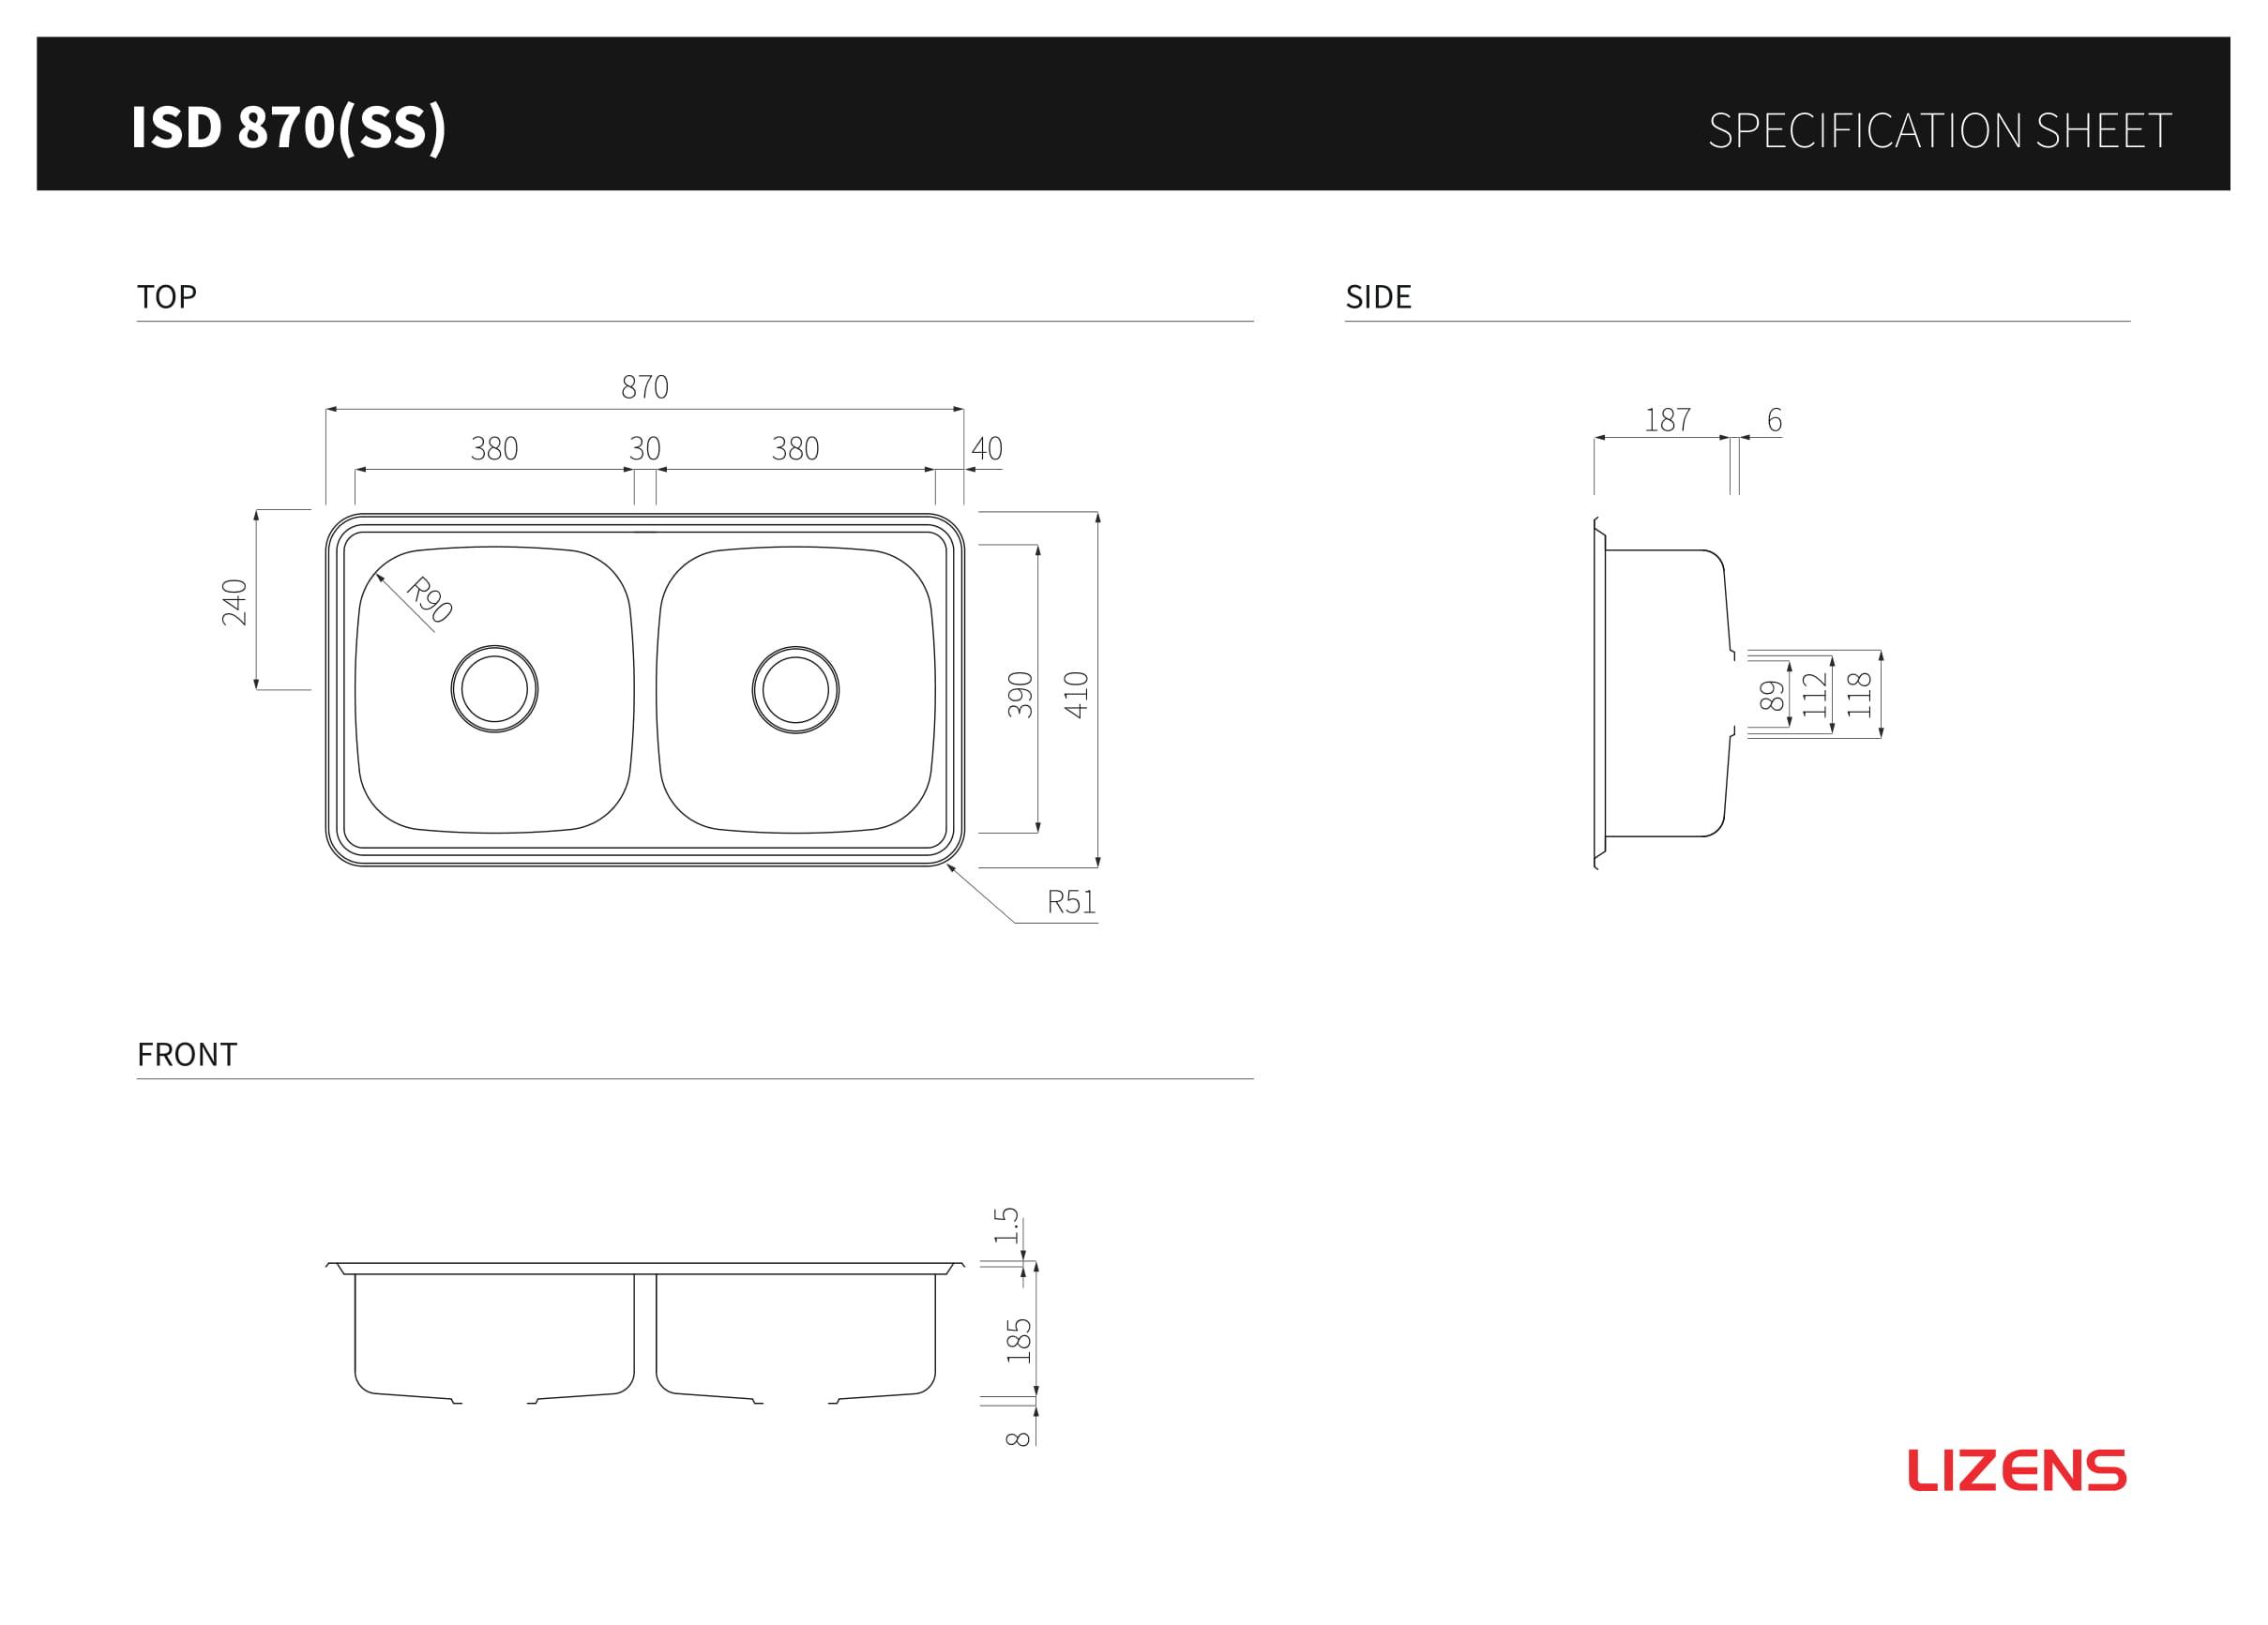 Bồn rửa chén inox 304 2 ngăn cao cấp Lizens ISD 870